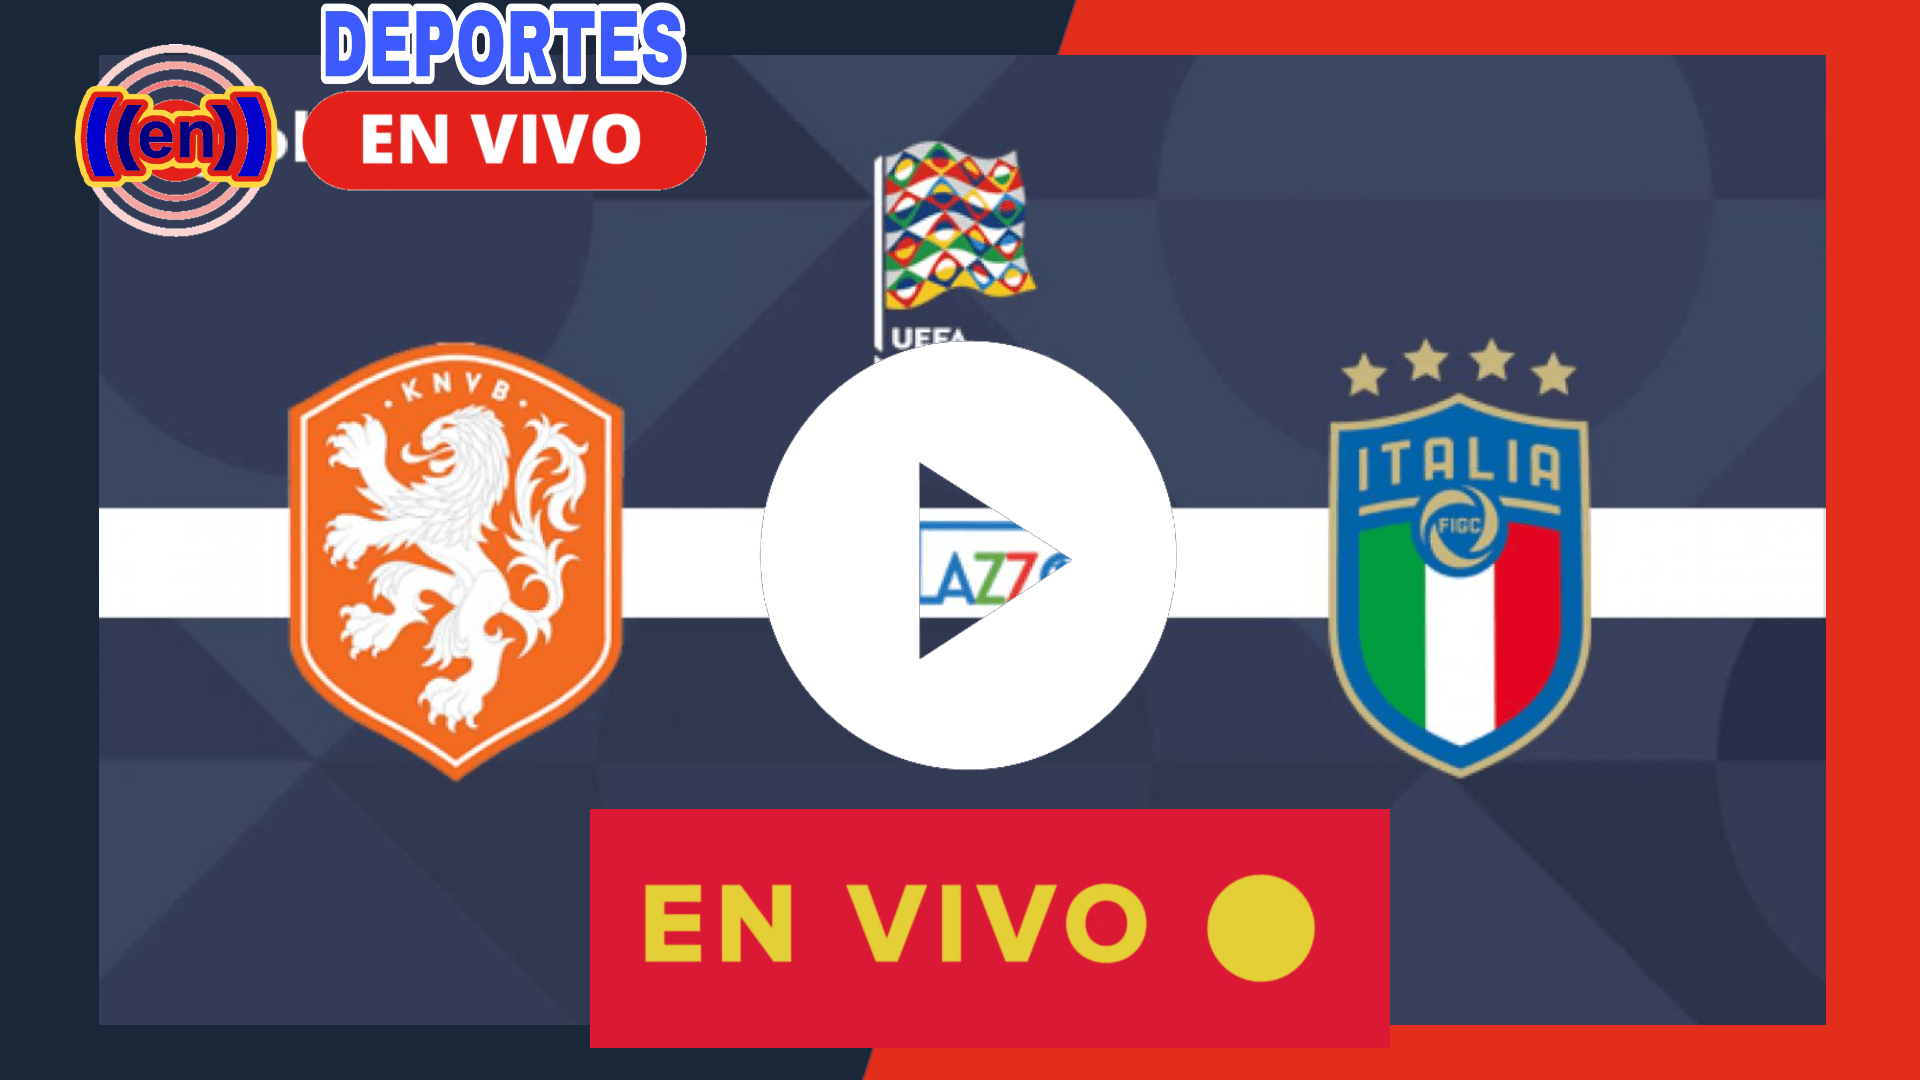 AQUI EN VIVO Italia vs Holanda EN DIRECTO